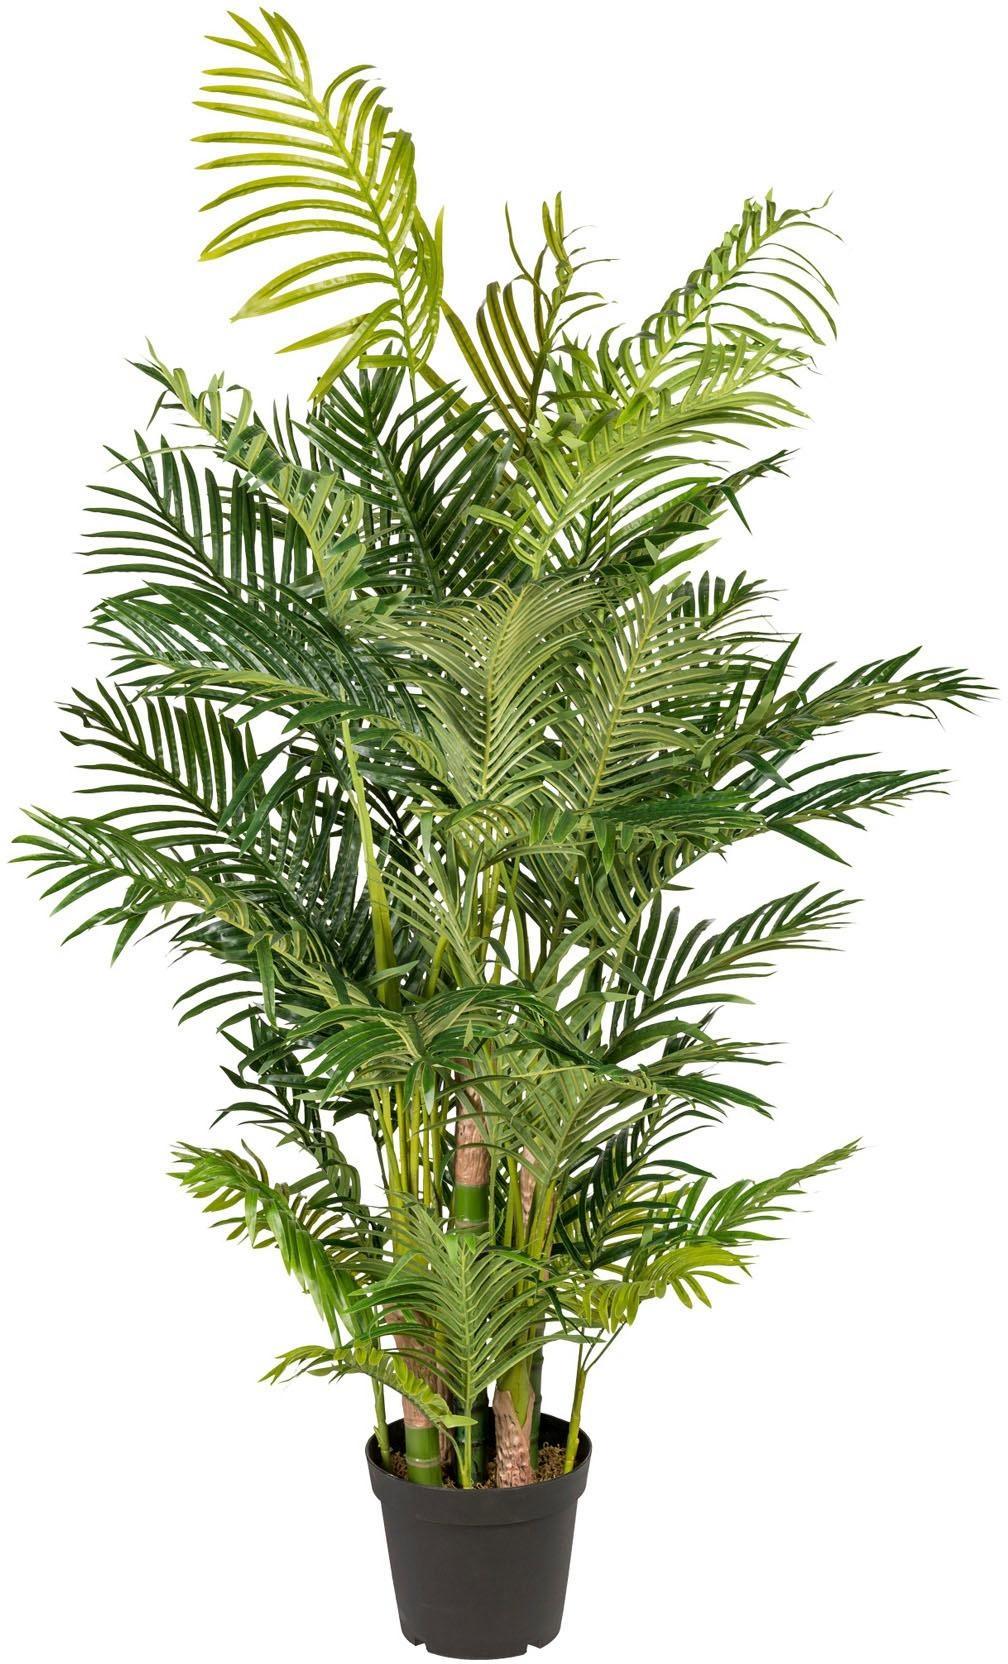 Kunstpflanze Arecapalme Wohnen/Möbel/Kleinmöbel/Kunstpflanzen/Kunstpalmen